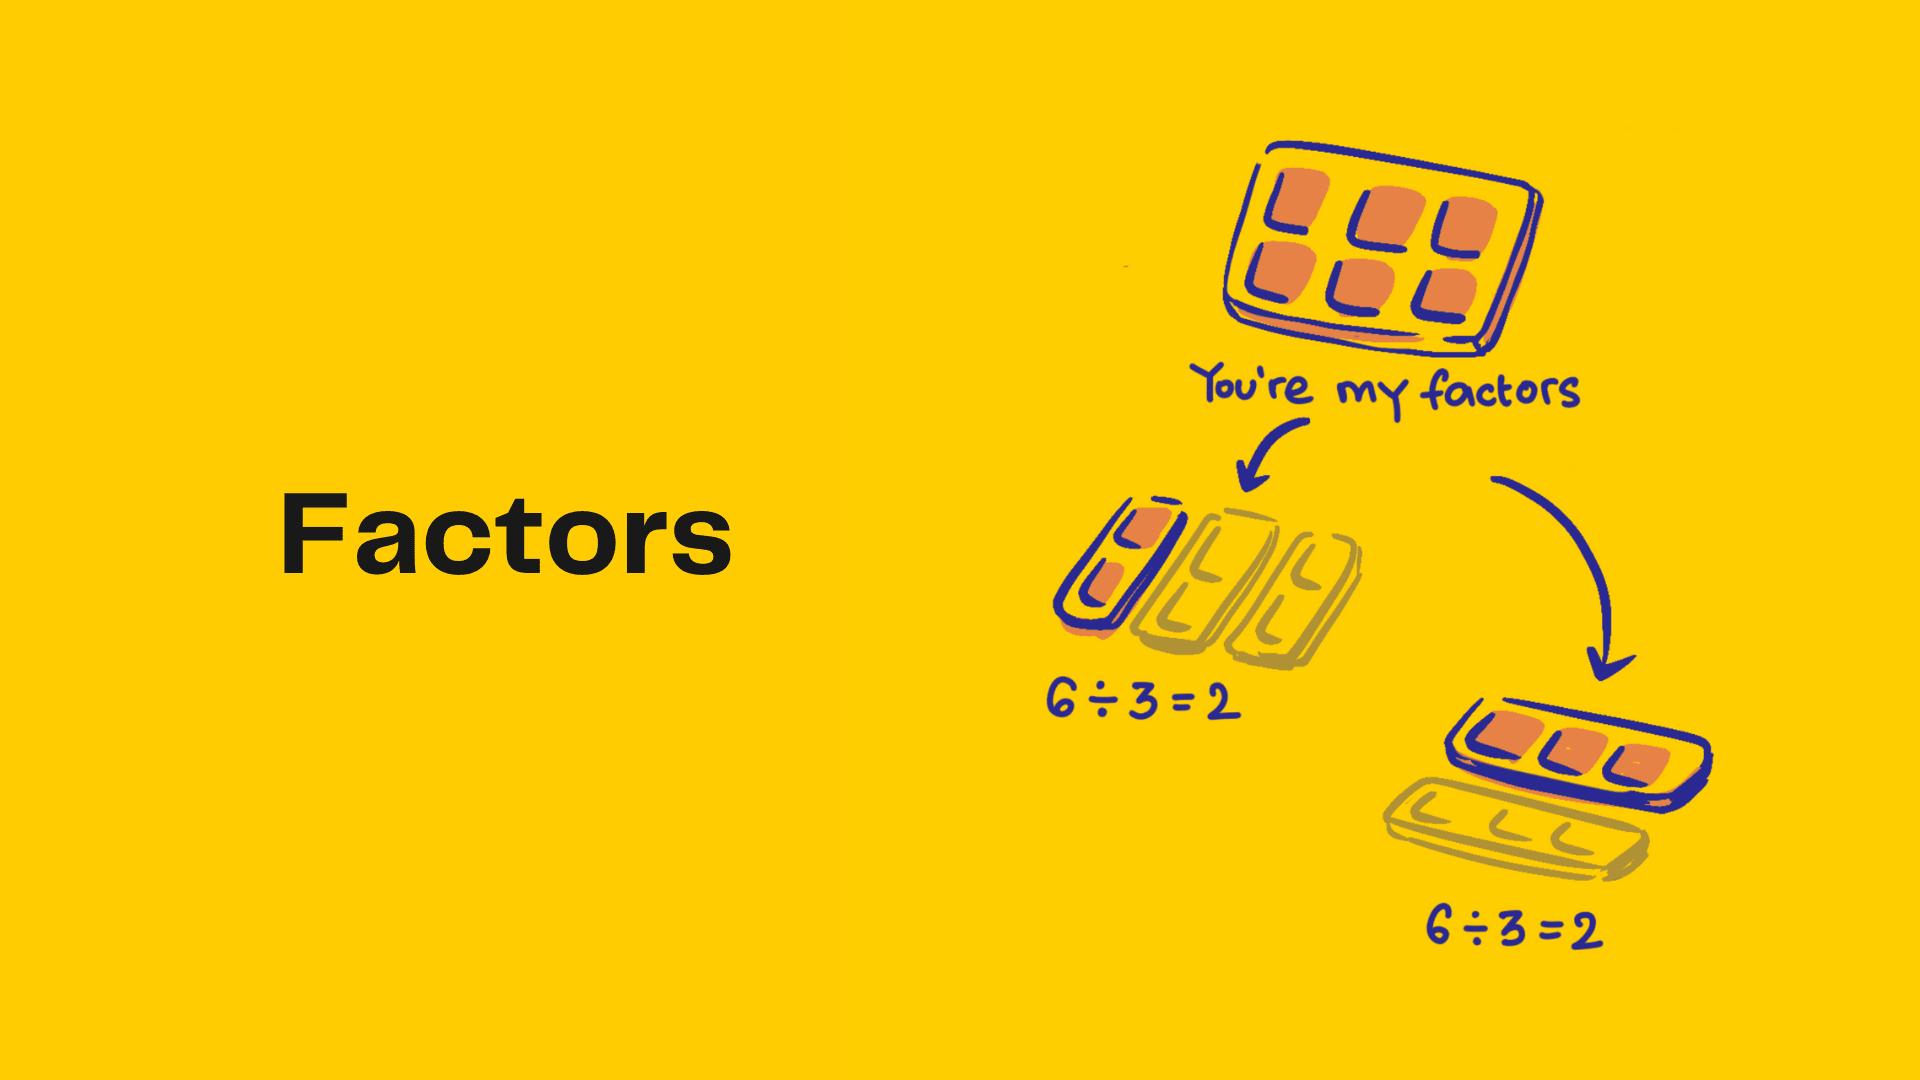 Factors poster